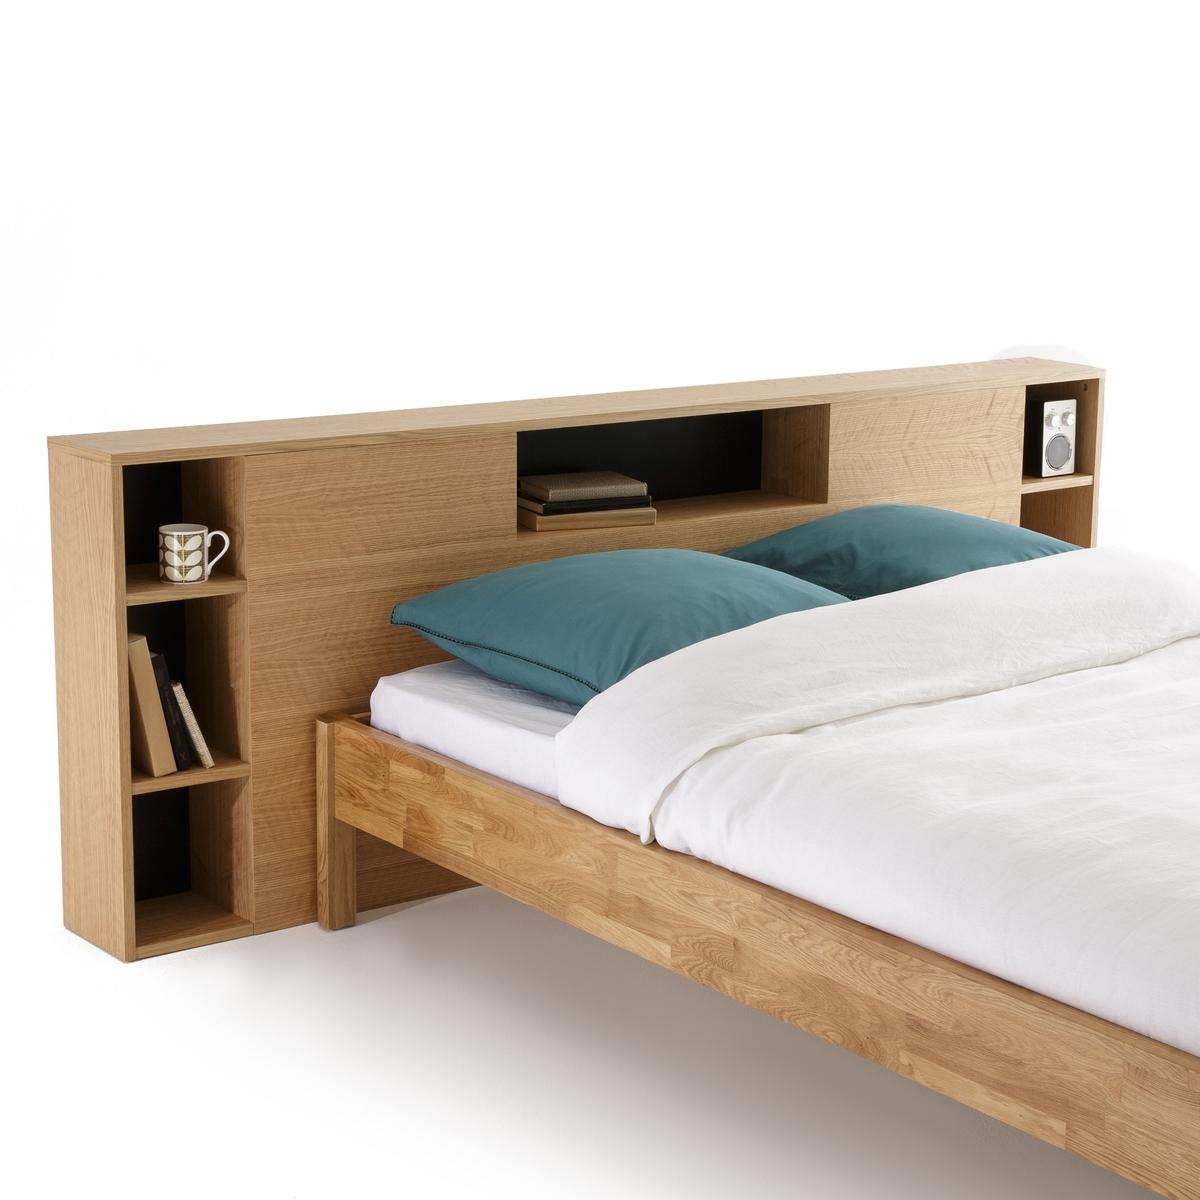 Изголовье La Redoute Кровати BIFACE 160 см каштановый подушка набивная для изголовья кровати aeri